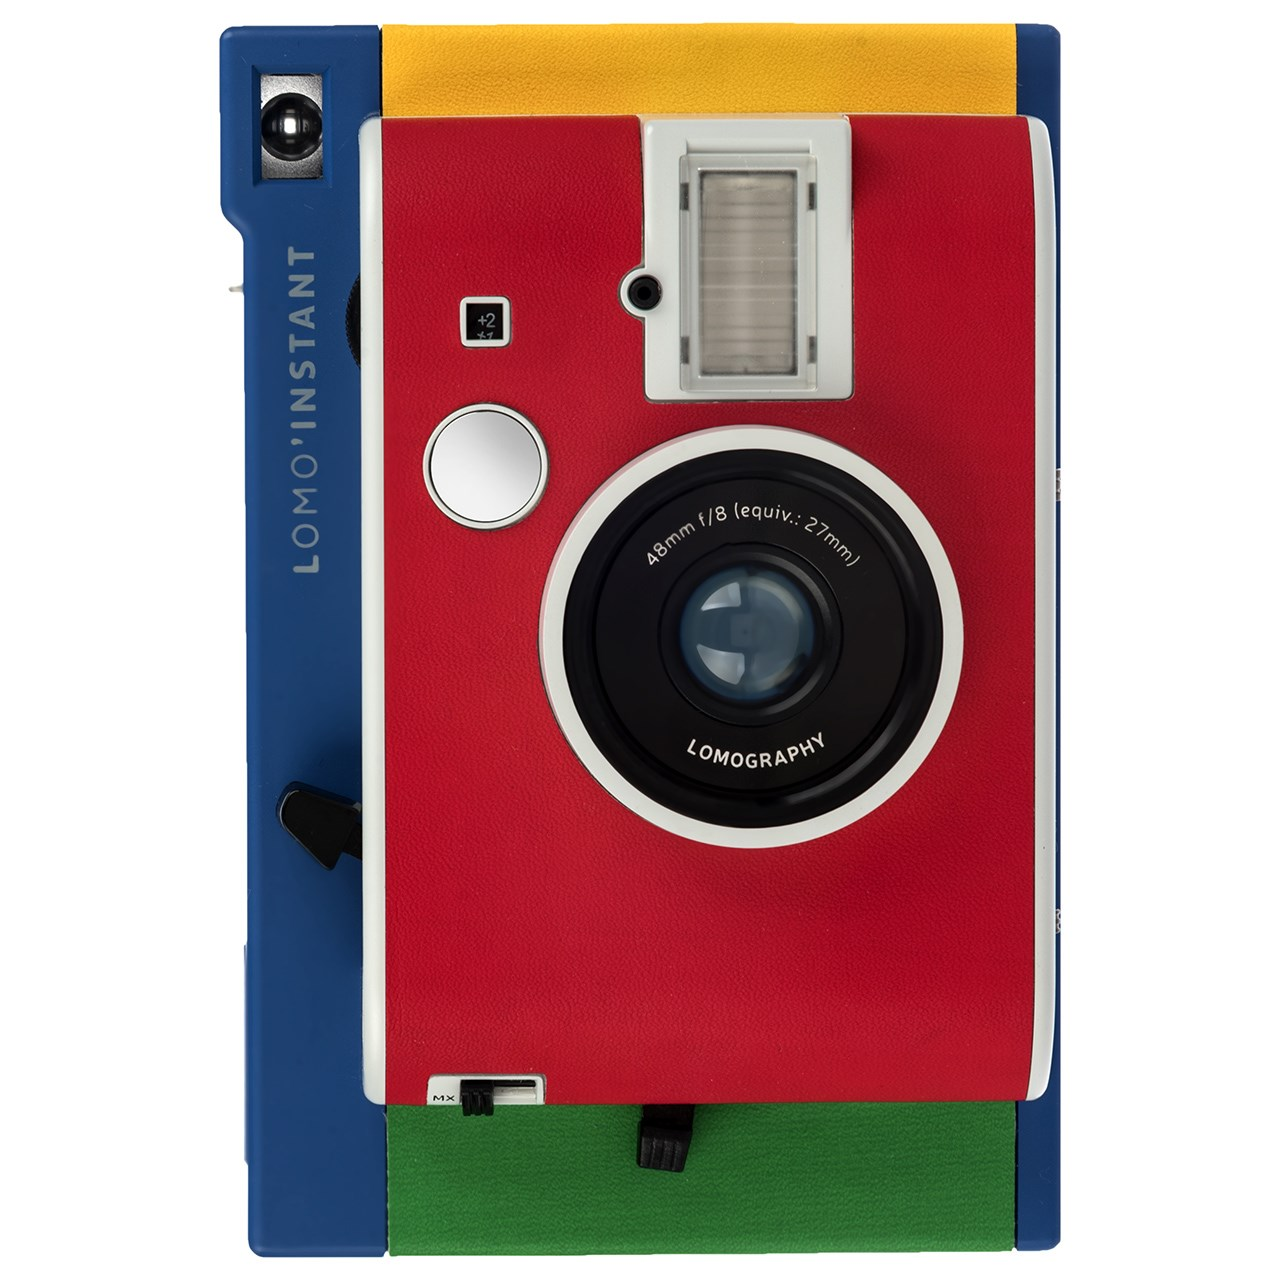 دوربین چاپ سریع لوموگرافی مدل Murano